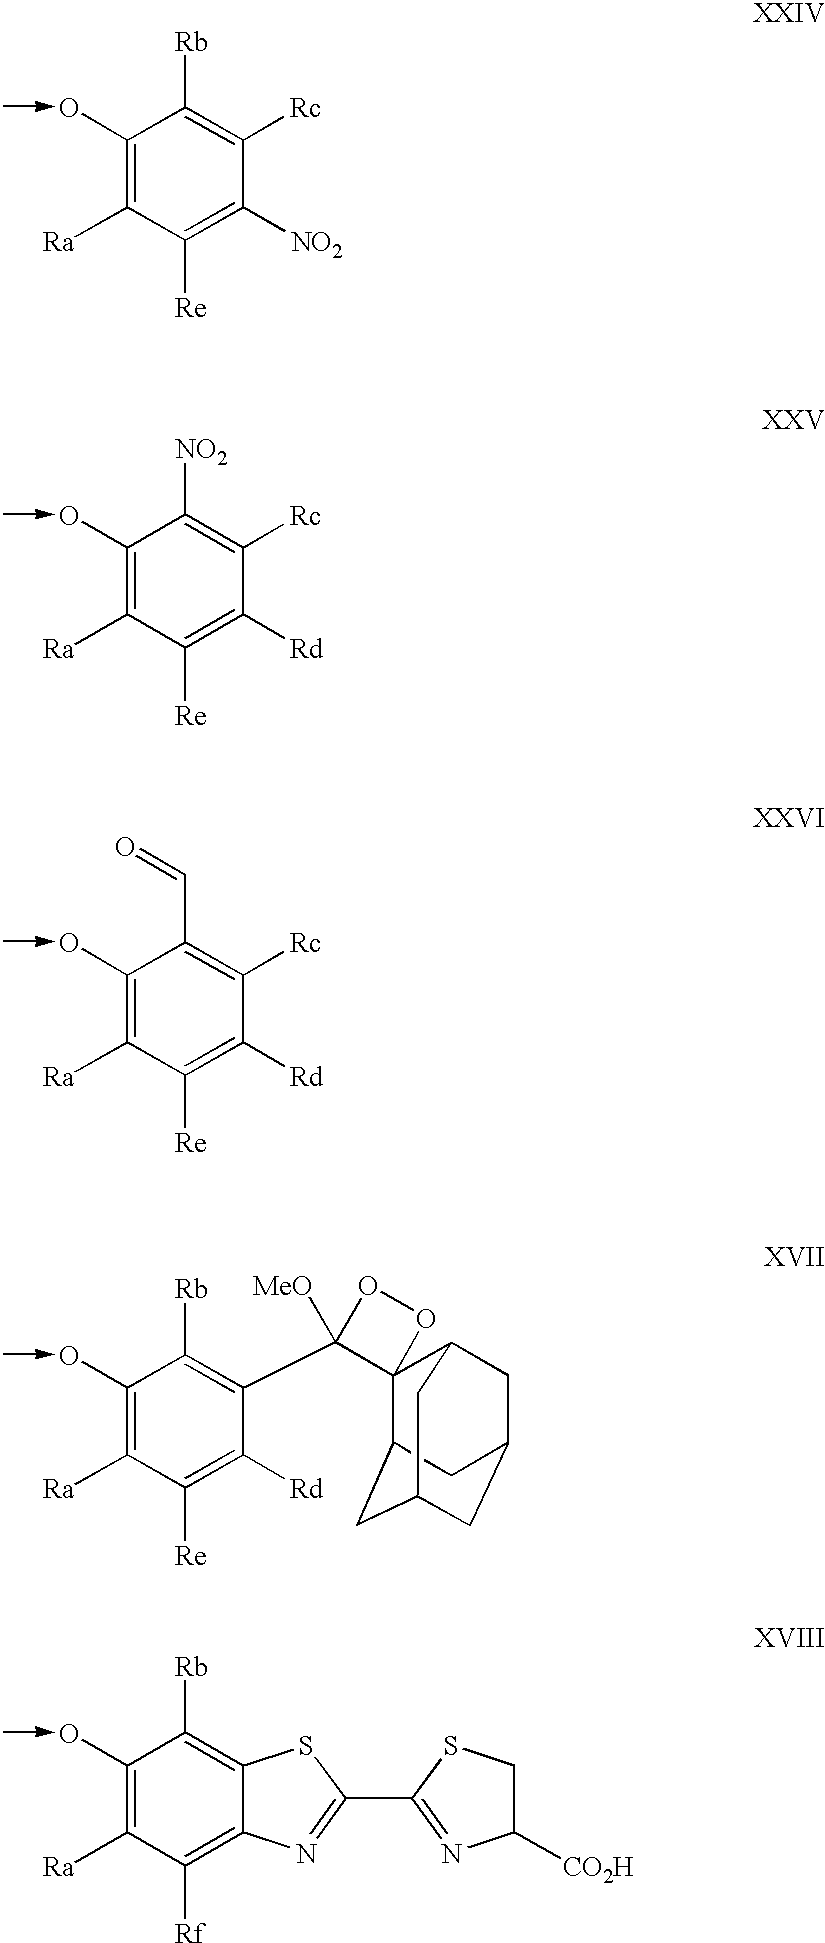 Figure US06514687-20030204-C00096